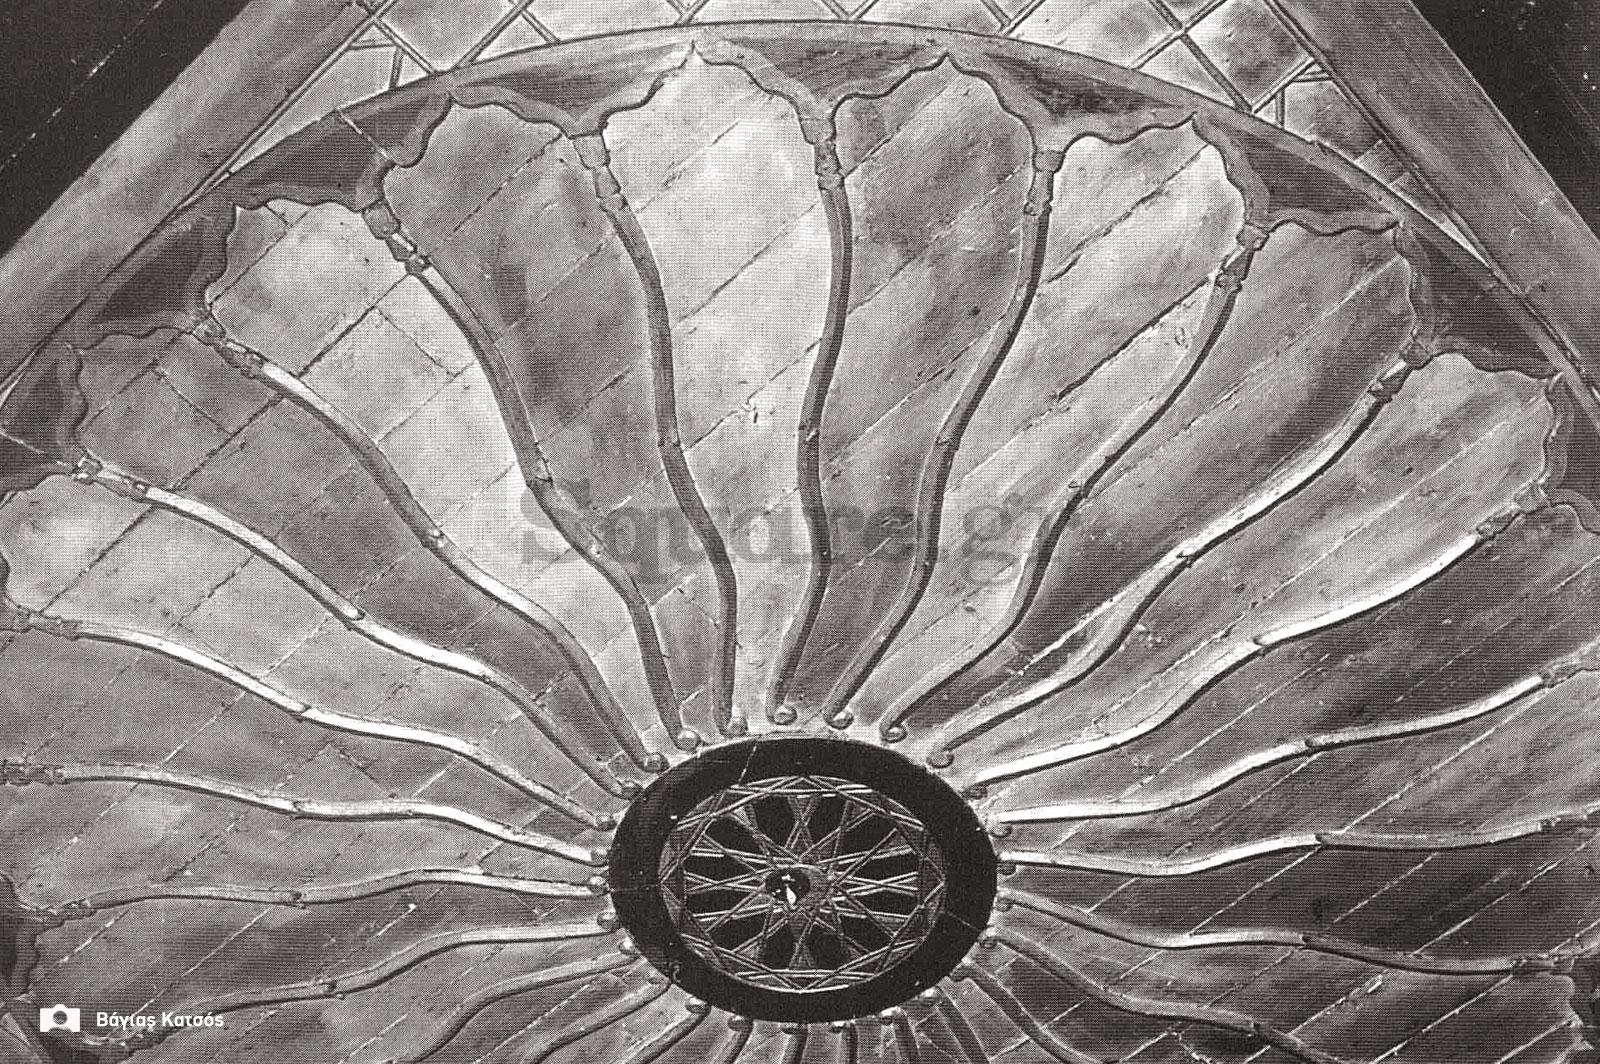 31-Σπίτια-Κοκκίνη-Οροφή-δωματίου-του-σπιτιού-Καράκωστα-Φωτ-Γ-Βραιμάκης-1968-final-square-logo